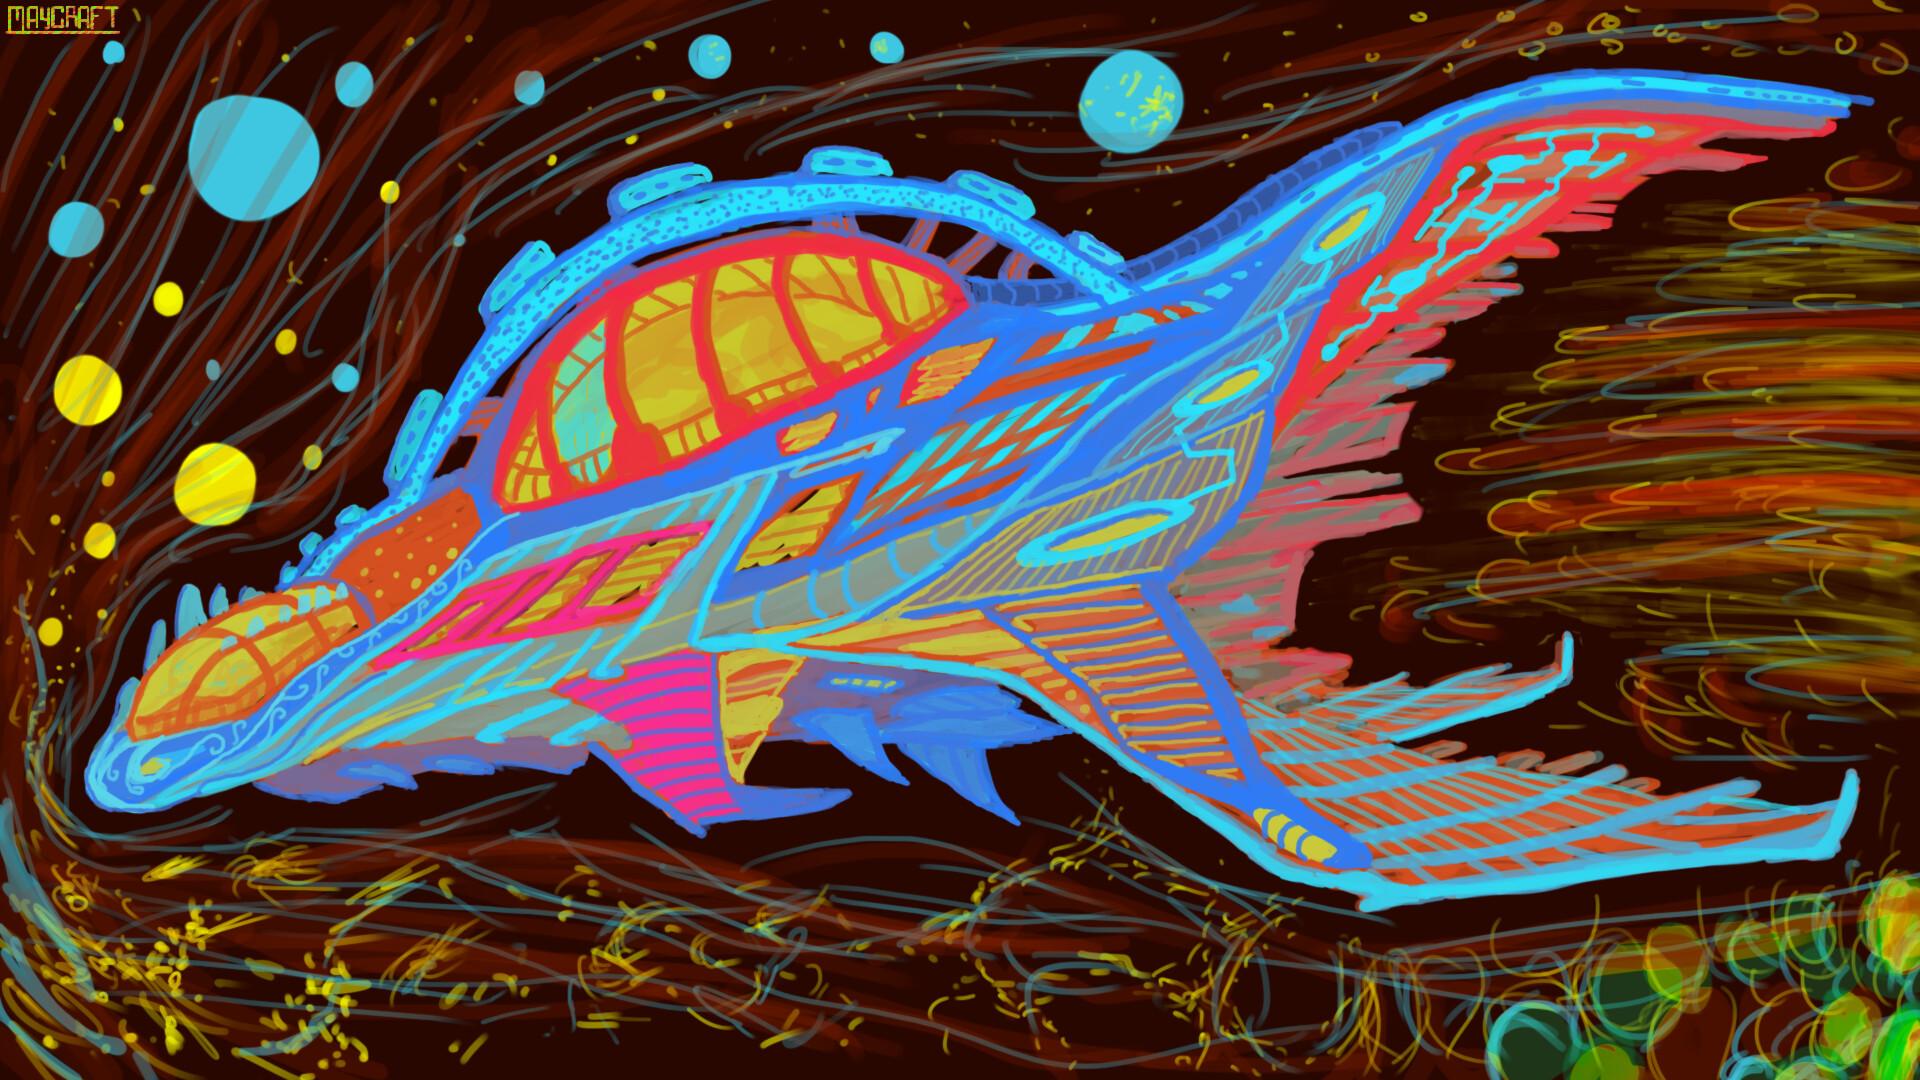 Alexander laheij doodle 06